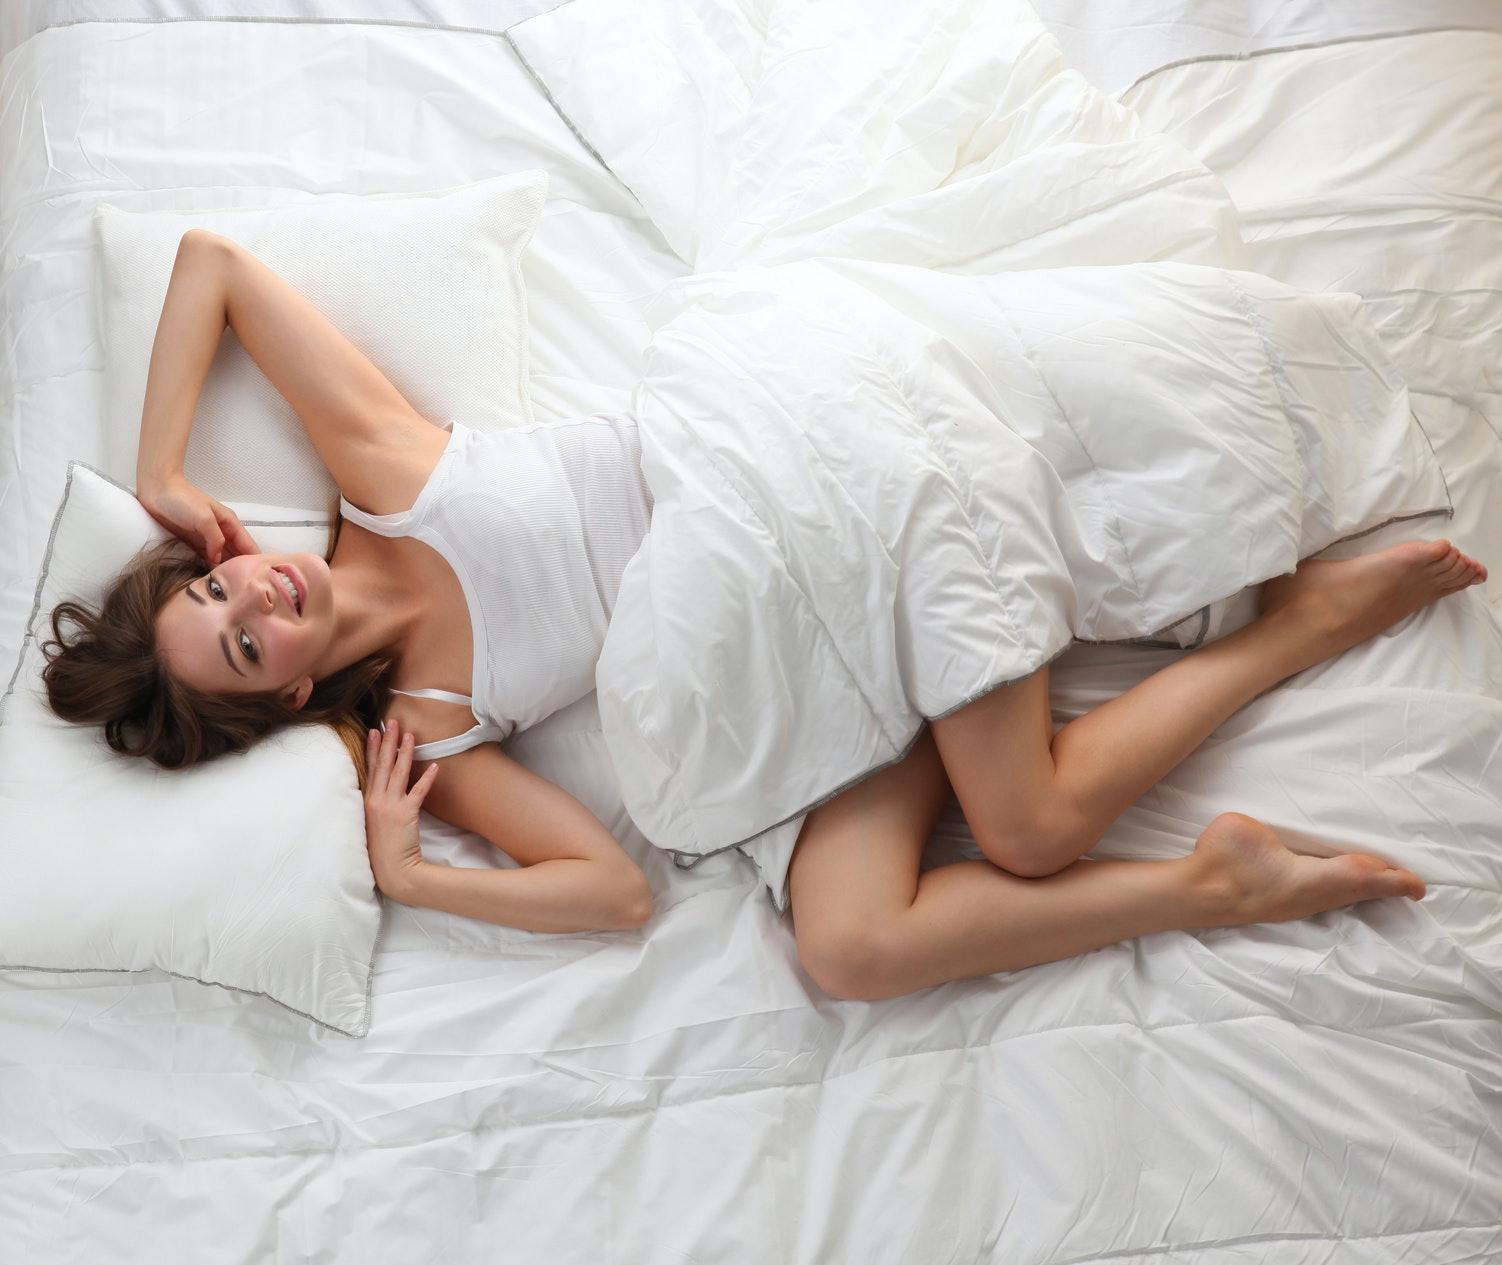 Amateur interracial sex image